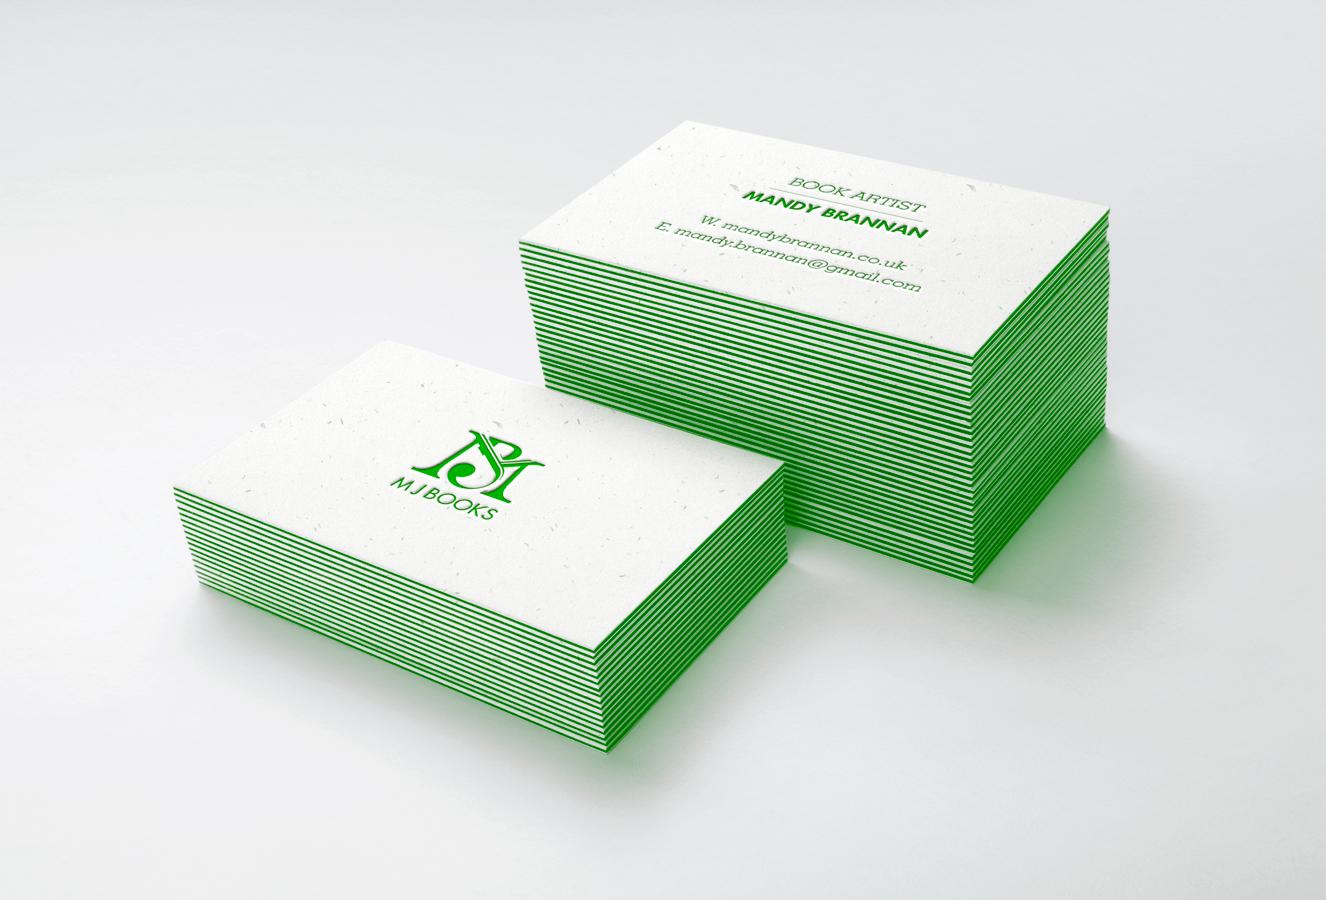 Business card design for book artist Mandy Brannan.